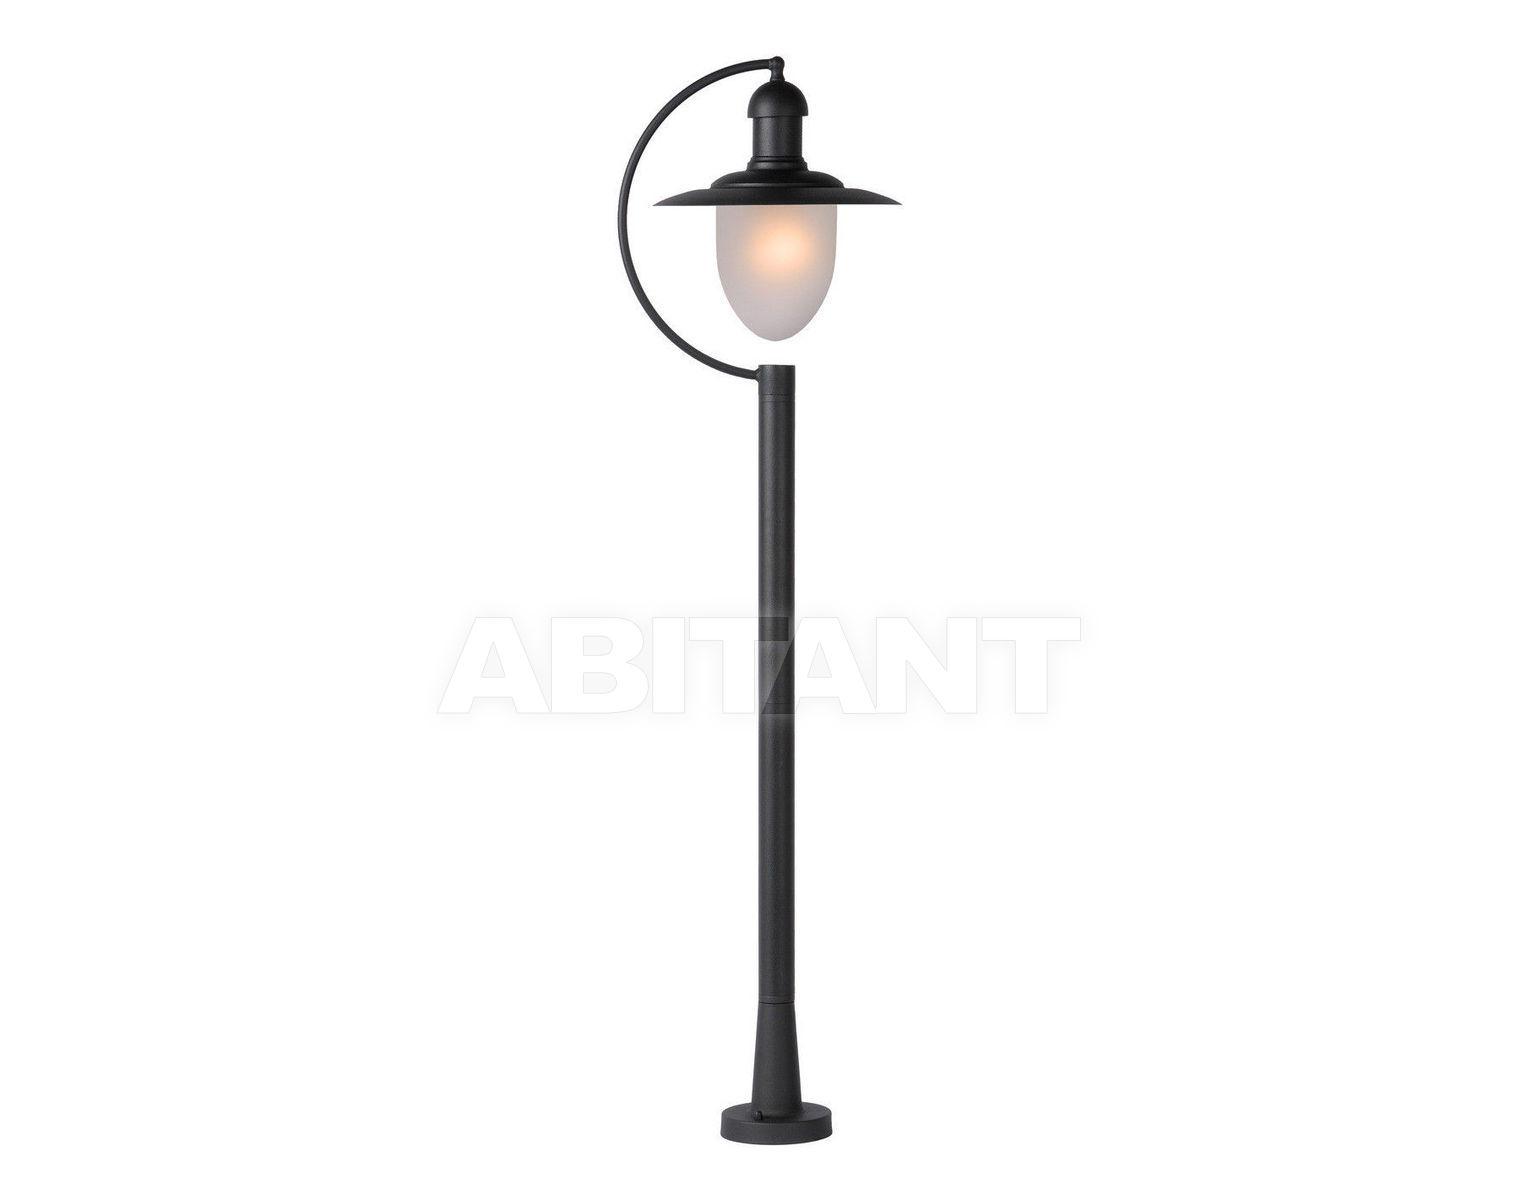 Купить Садовый светильник Lucide  Outdoor 2013 11873/01/30